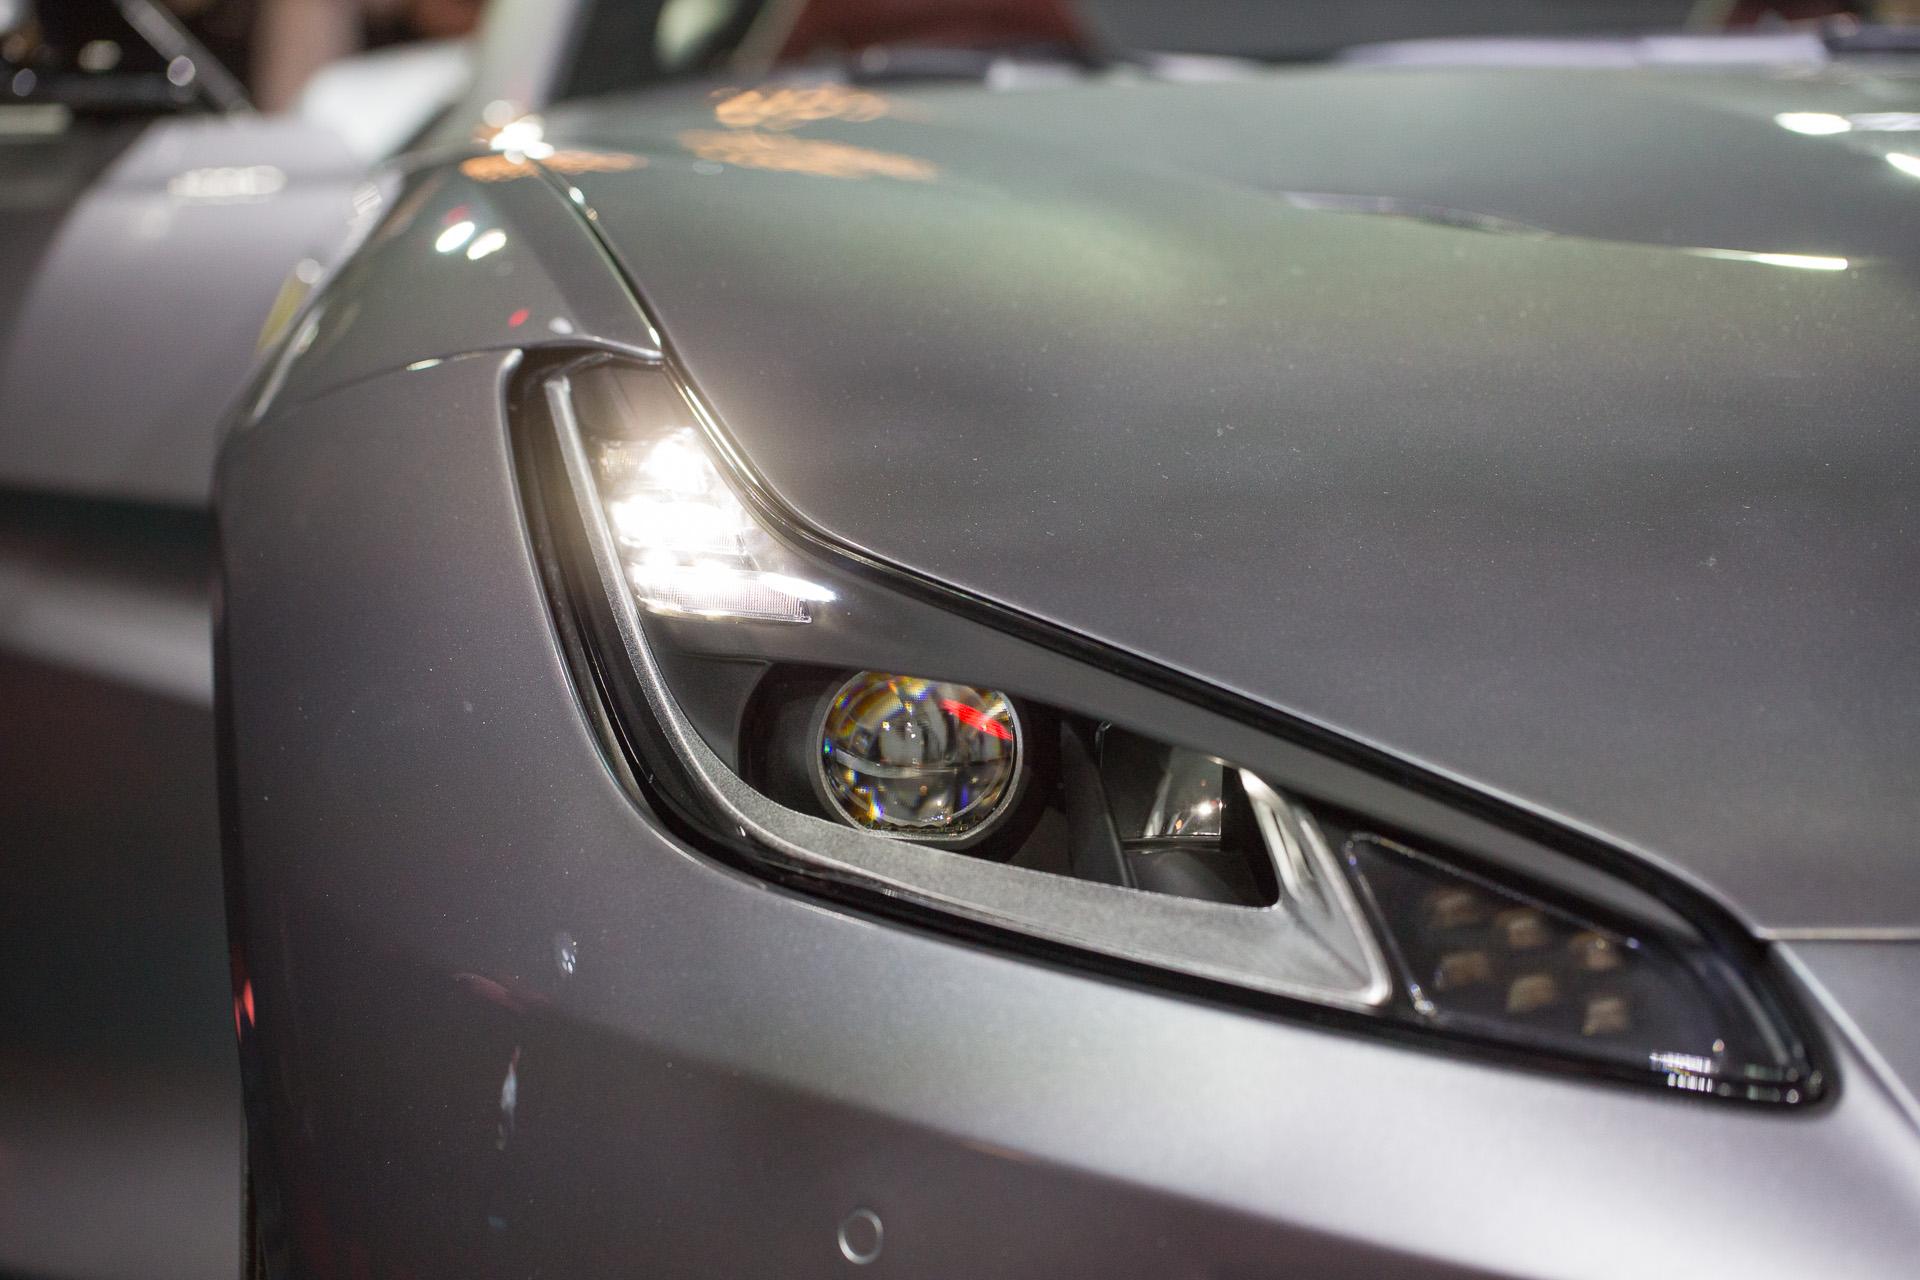 Dettaglio della Ferrari Portofino, faro anteriore